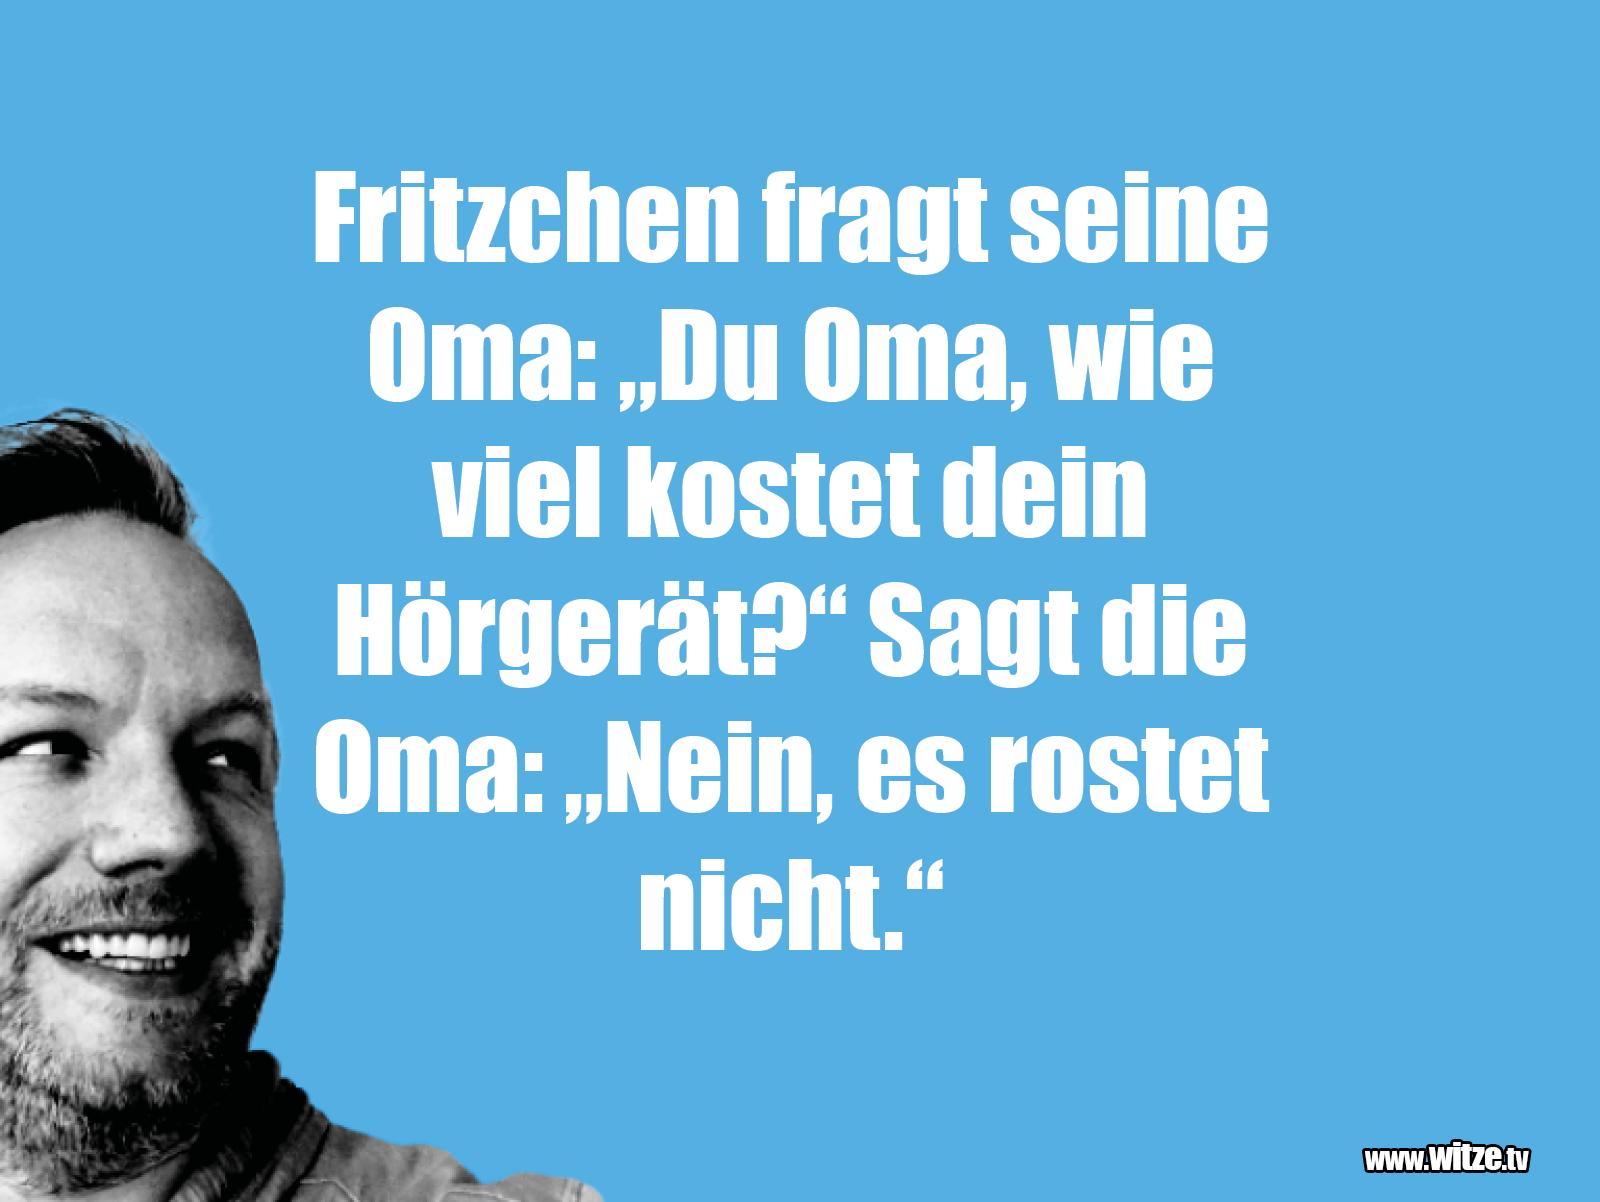 Witz über... Fritzchen fragt seine Oma...